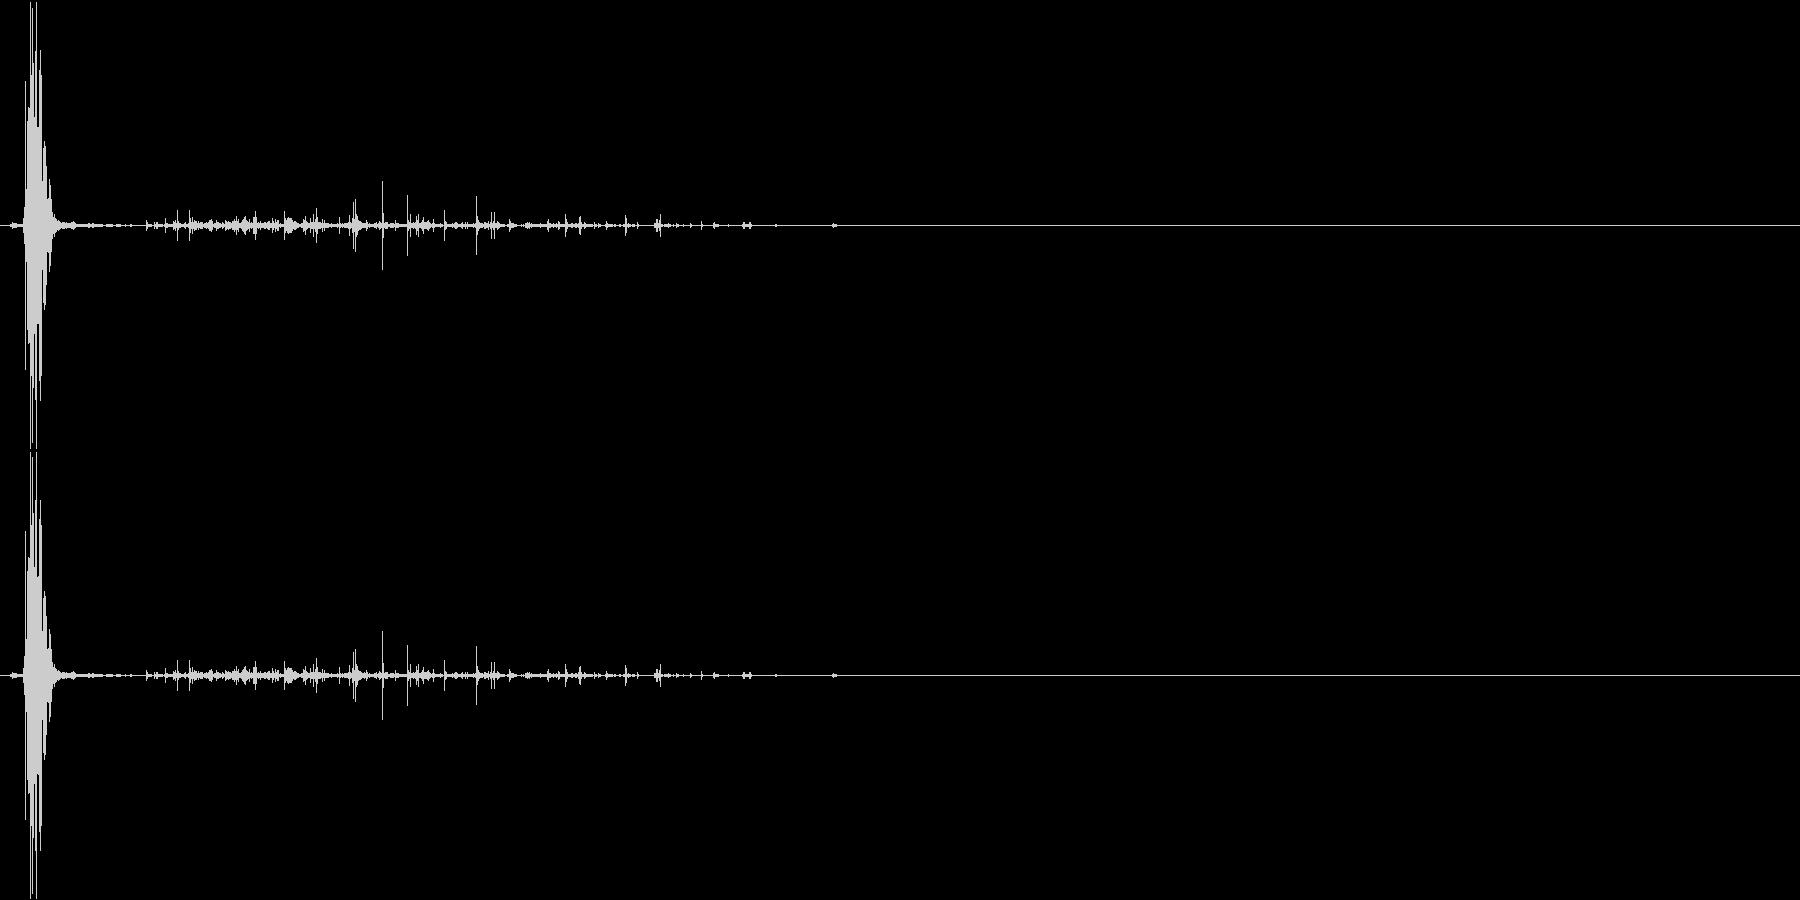 ネバネバしたものを潰す音1の未再生の波形